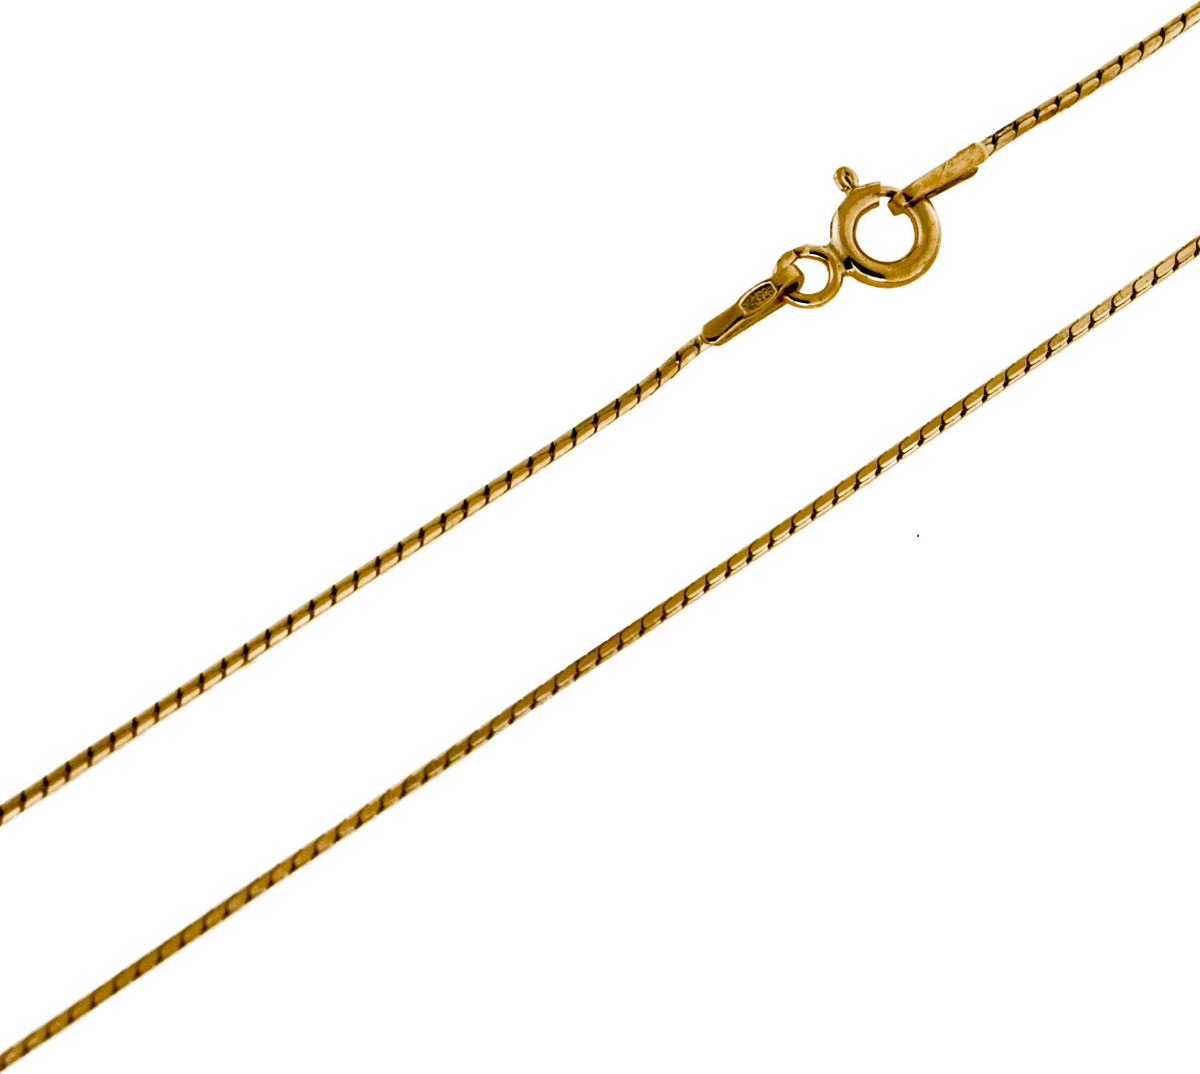 Цепочка Серебряная Венеция Шнурок (снейк) облегченный, серебро 925, 40 см, 1866Z035LСереброЦепочка Шнурок (снейк) облегченный с алмазной огранкой 8 граней (сечение проволоки 035) из серебра 925 пробы. Цепь Серебряная Венеция с двойным золочением из основного слоя золота в 24 карата (999 пробы) и верхнего (подцвечивающего) слоя золота 585 пробы. Это классическая модель, незаменимая в любой ситуации. Украшение идеально подойдет и на каждый день, и для вечернего выхода в великолепном платье. Оно обладают четкими контурами соединения элементов украшения, а Алмазная огранка по специальной технологии 8-ми граней позволяет поверхности цепочки лучше блестеть. Цепочка может носиться и как самостоятельное украшение, и в дополнение с кулоном. Серебряные цепи с двойным золочением внешне почти не отличаются от золотых, прекрасно сочетаются с золотыми украшениями, но более доступны по цене. Цепочка произведена в Италии с использованием самого передового оборудования и современных технологий, что несомненно говорит о её качестве.